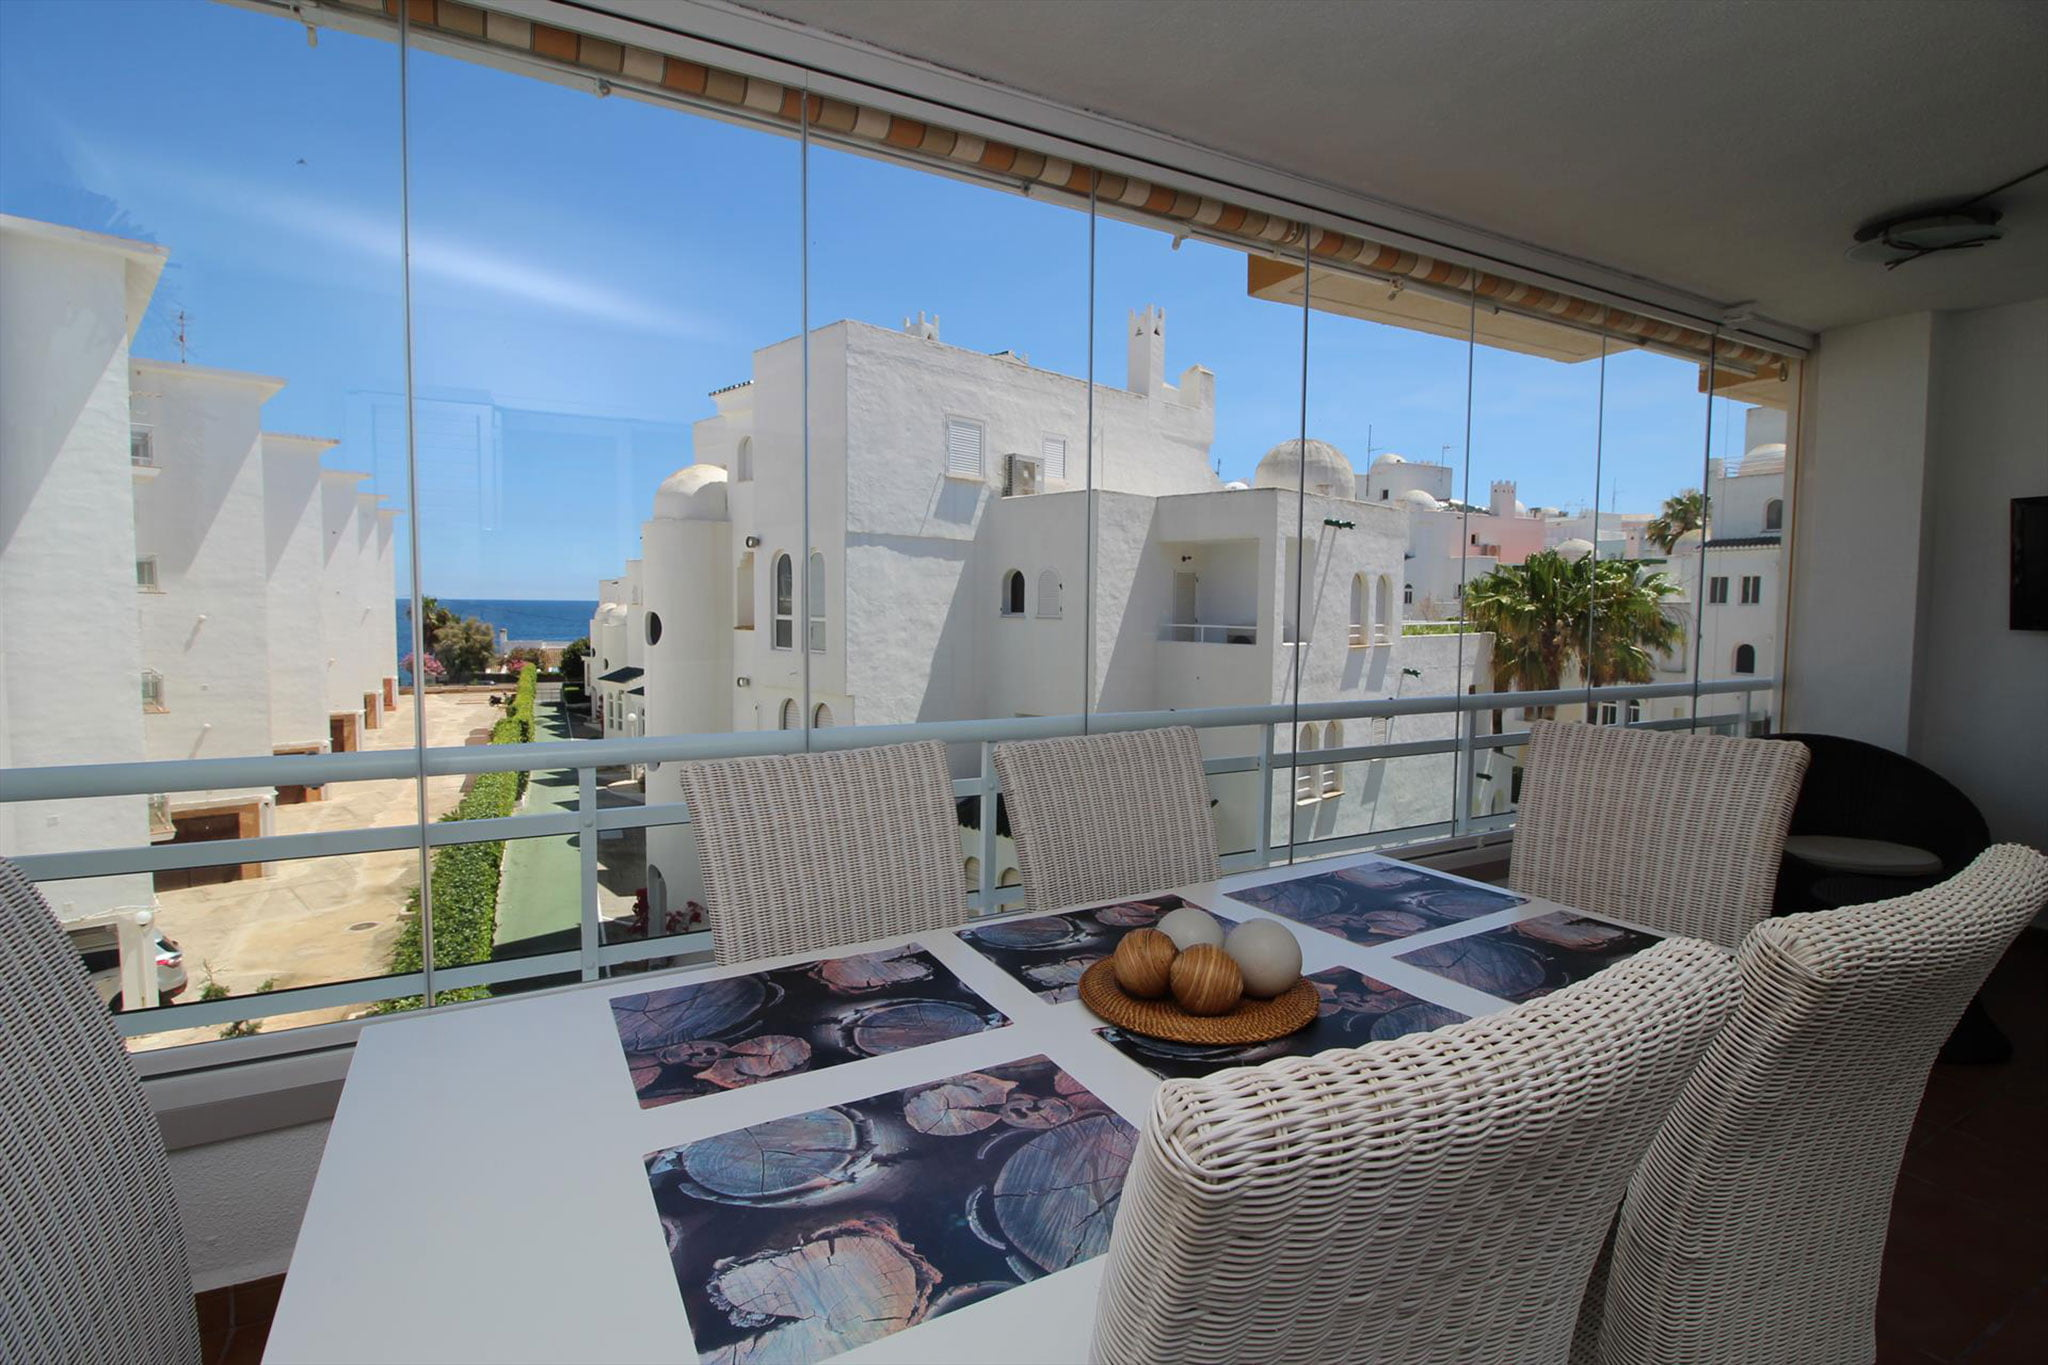 Vistas de un apartamento de vacaciones para cinco personas en Jávea – MMC Property Serivces